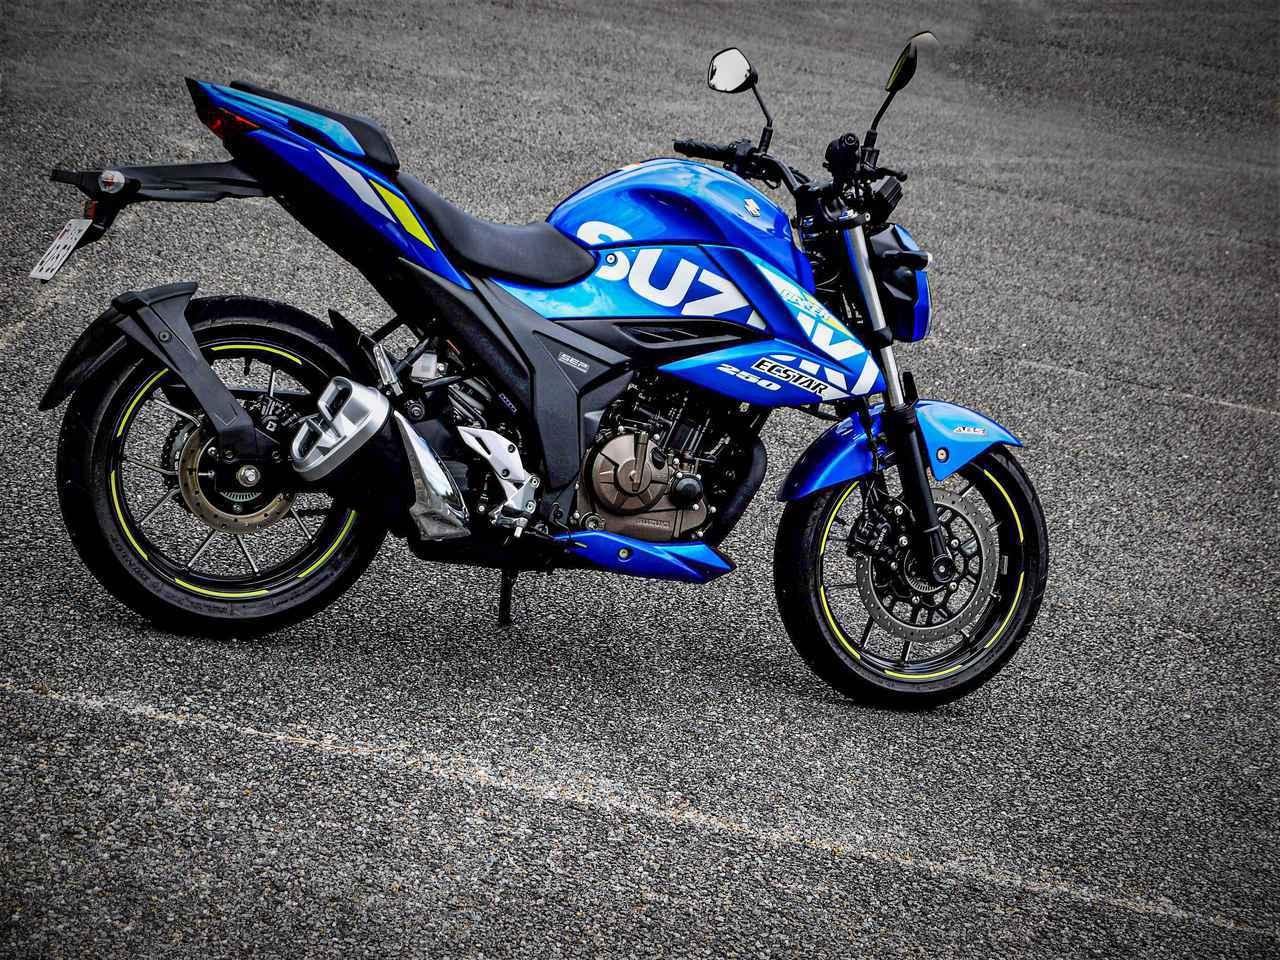 画像: 燃費王『ジクサー150』があれば十分じゃない?だったら250ccの『ジクサー250』ってどんなバイクなんだ? - スズキのバイク!